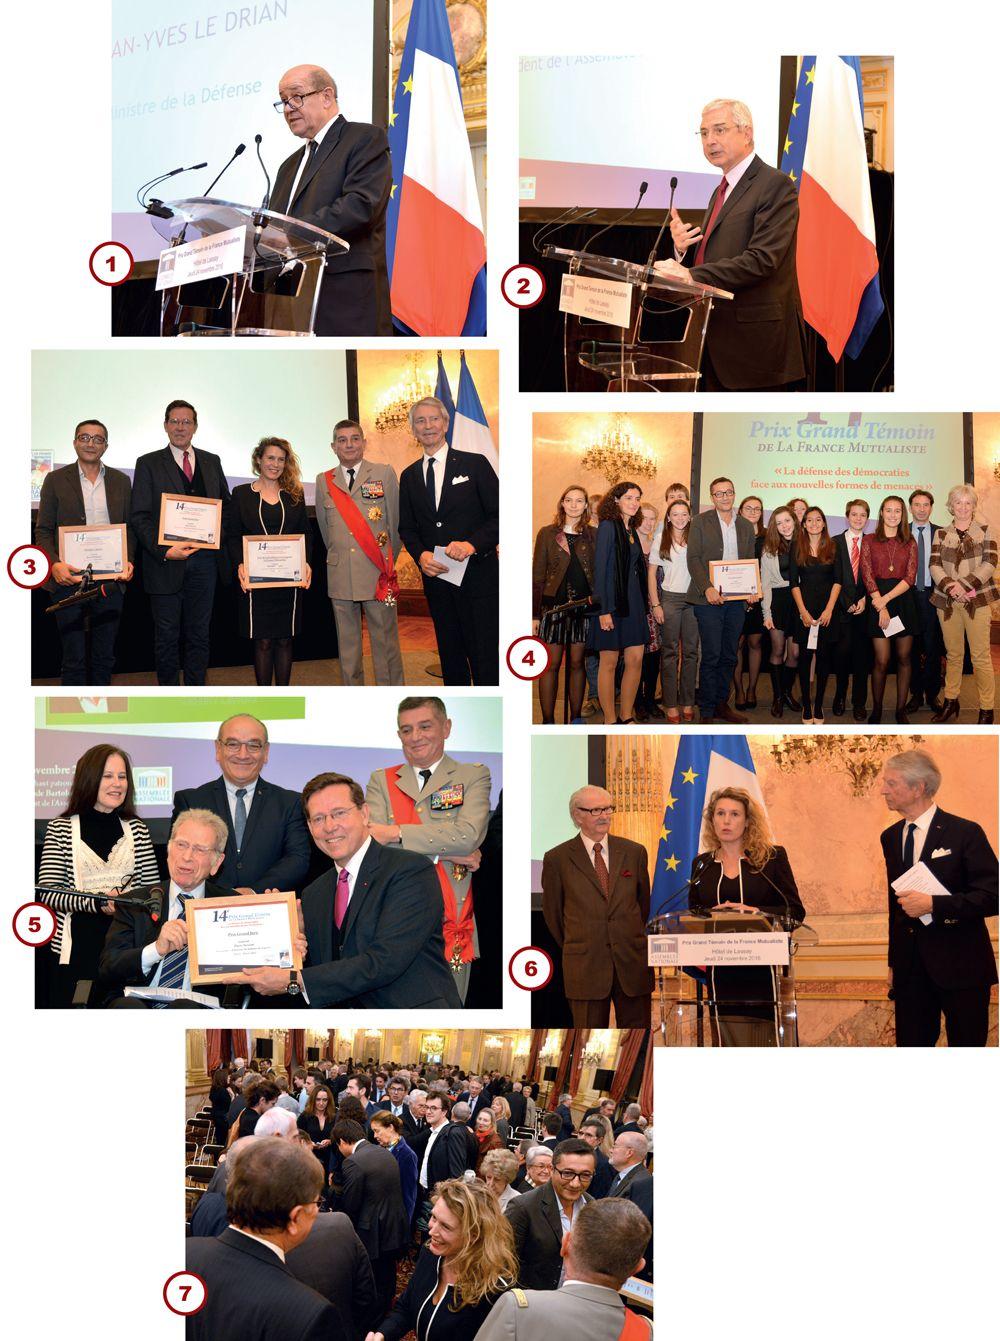 14e Cérémonie de la remise du Prix Grand Témoin de La France Mutualiste® en faveur du Devoir de Mémoire ! https://t.co/l2a7i774Fy https://t.co/XIplTgp8Xg